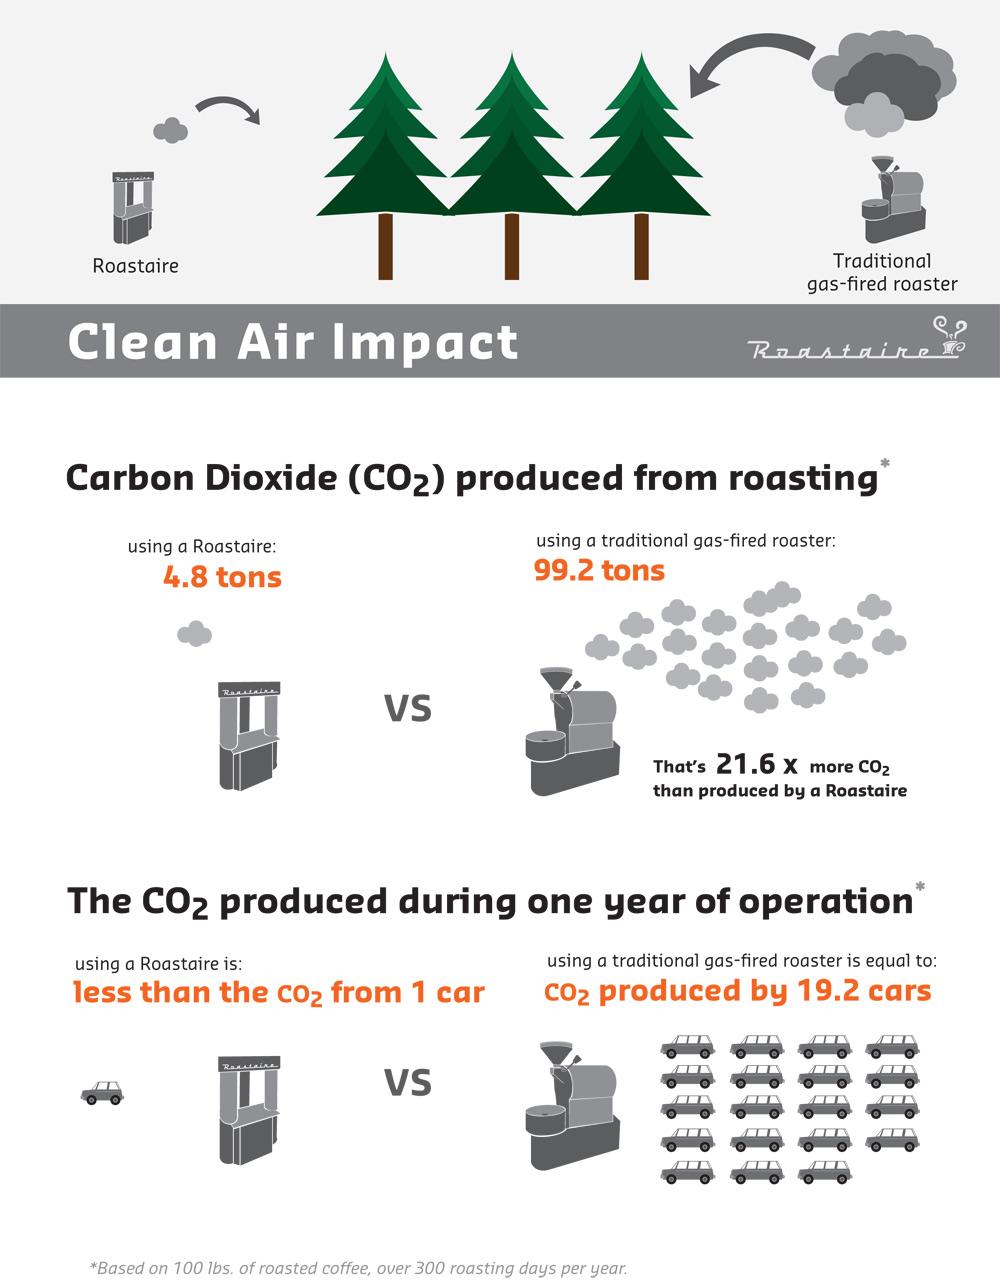 Roastaire clean air impact